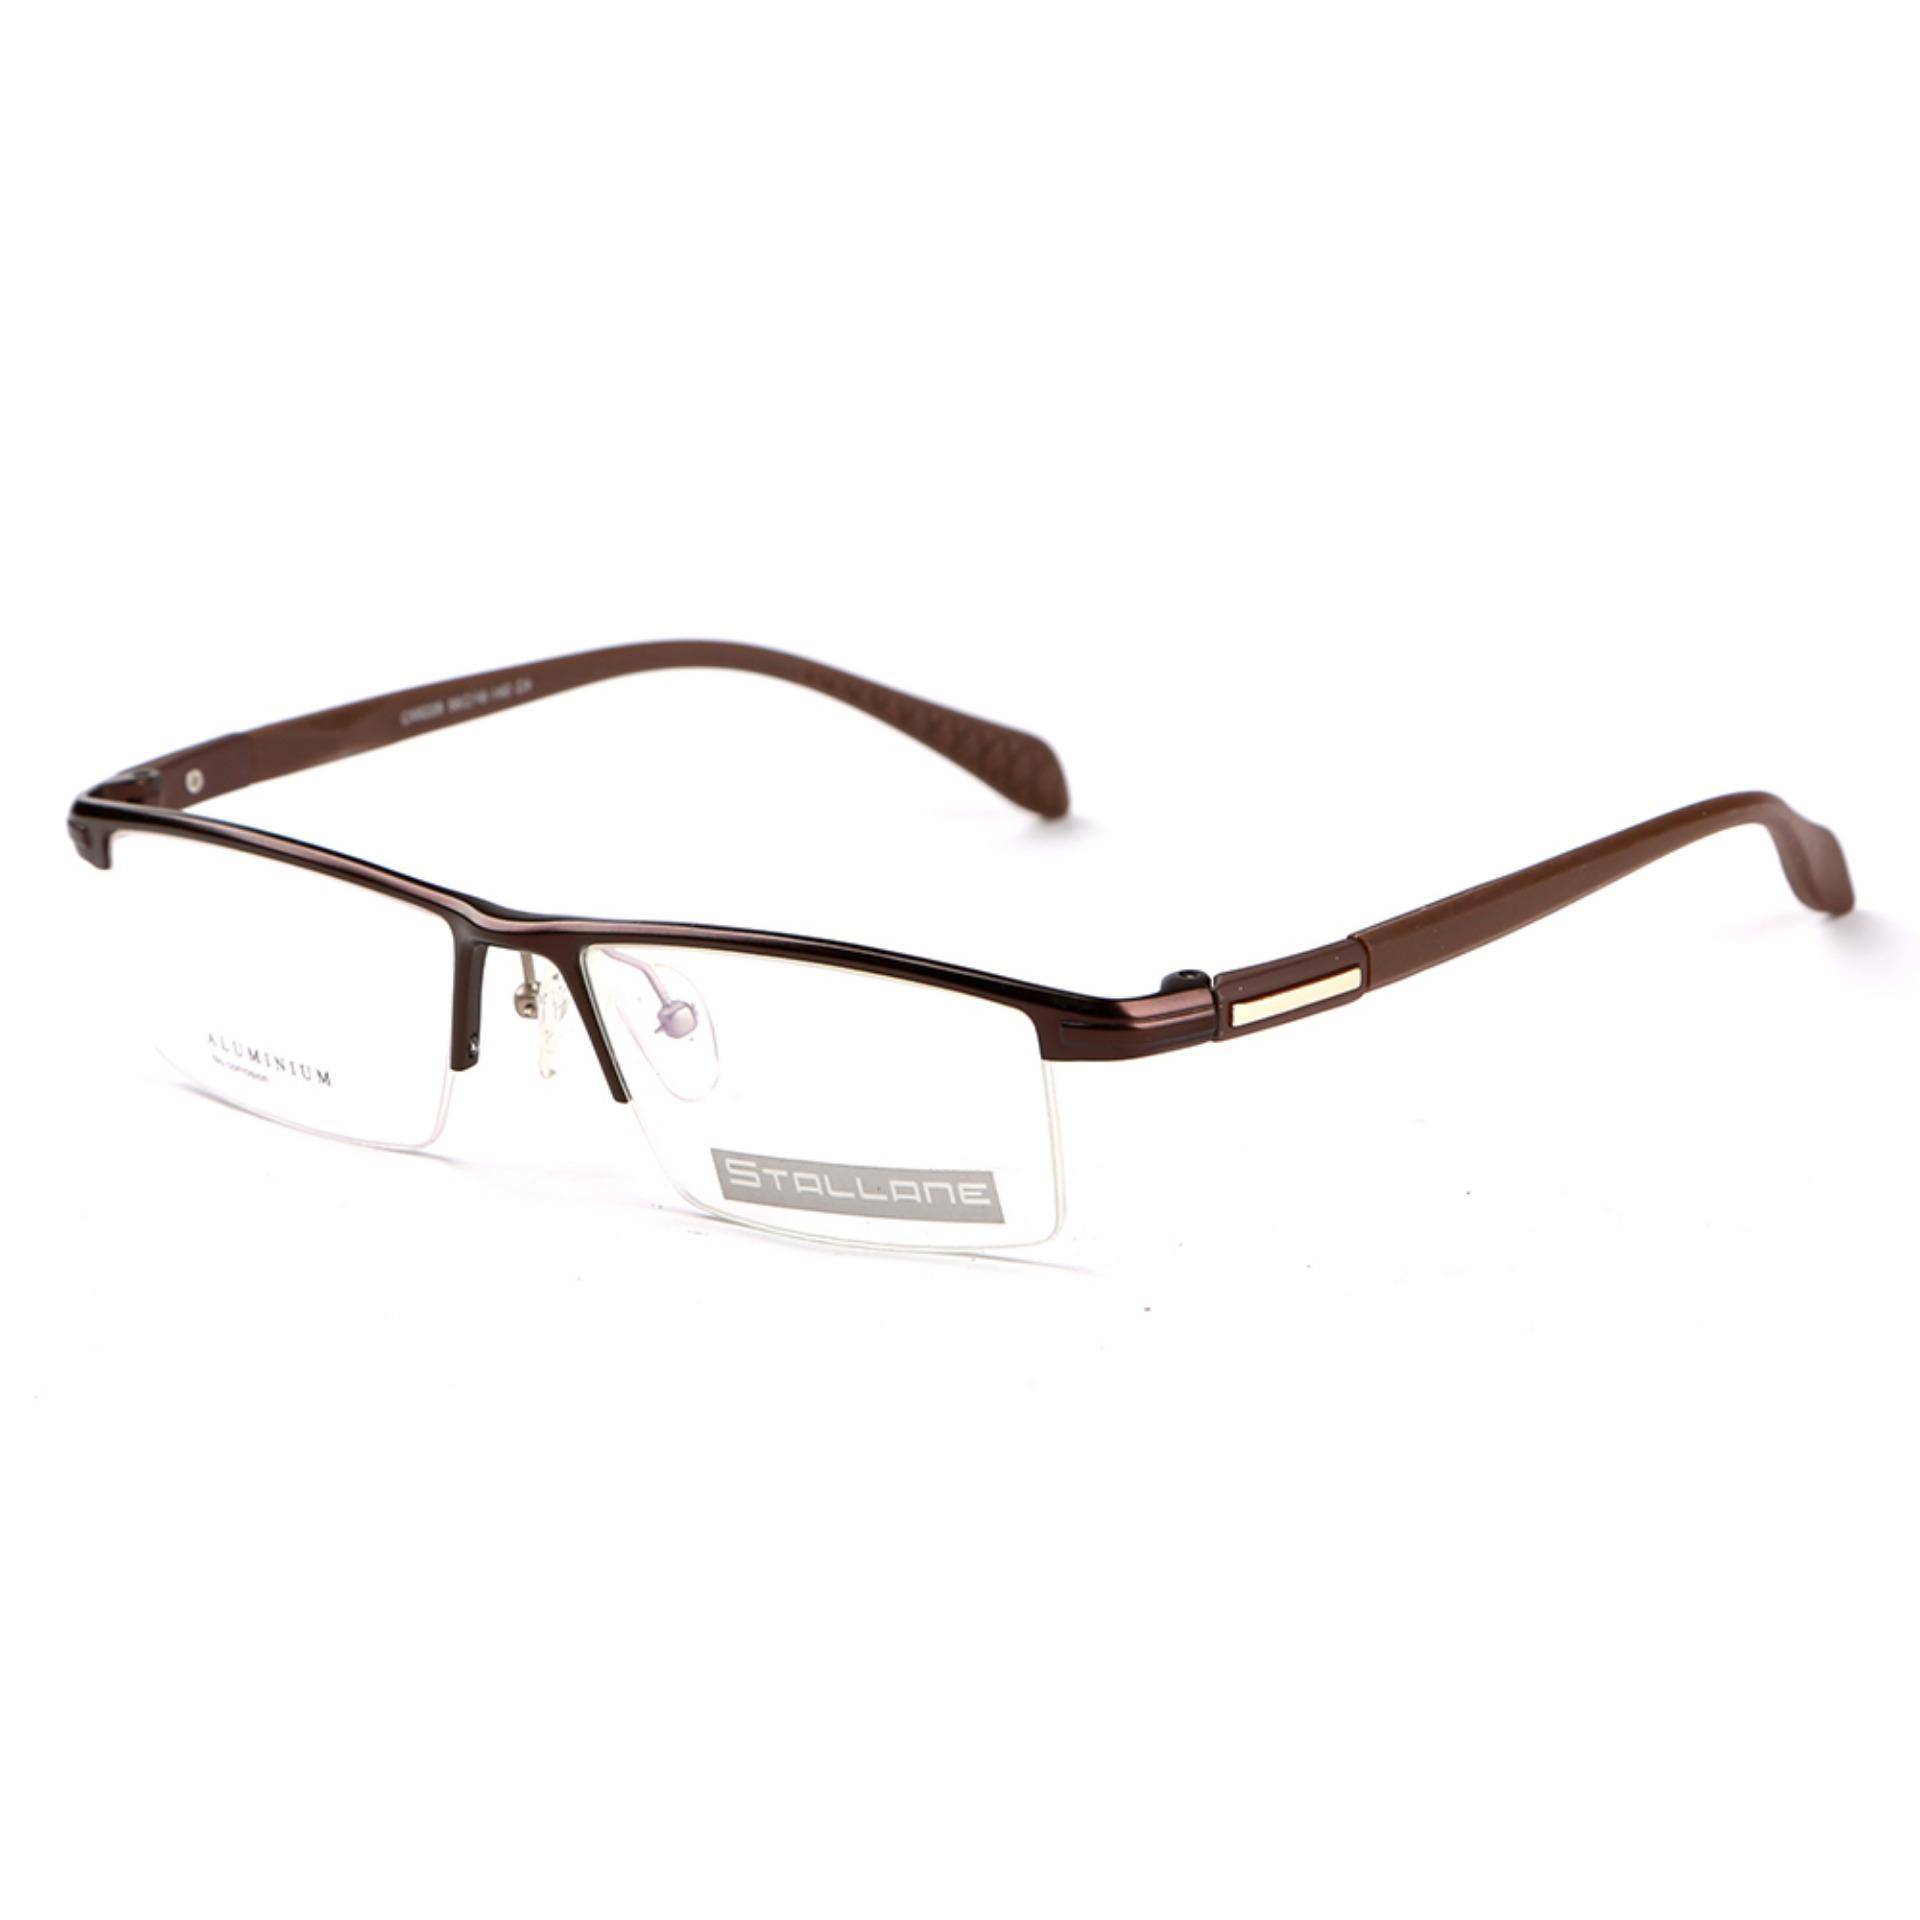 ... Stallane Fashion miopia bingkai kacamata Optik kacamata bingkai kacamata bisnis aluminium alis Tr90 kacamata untuk pria